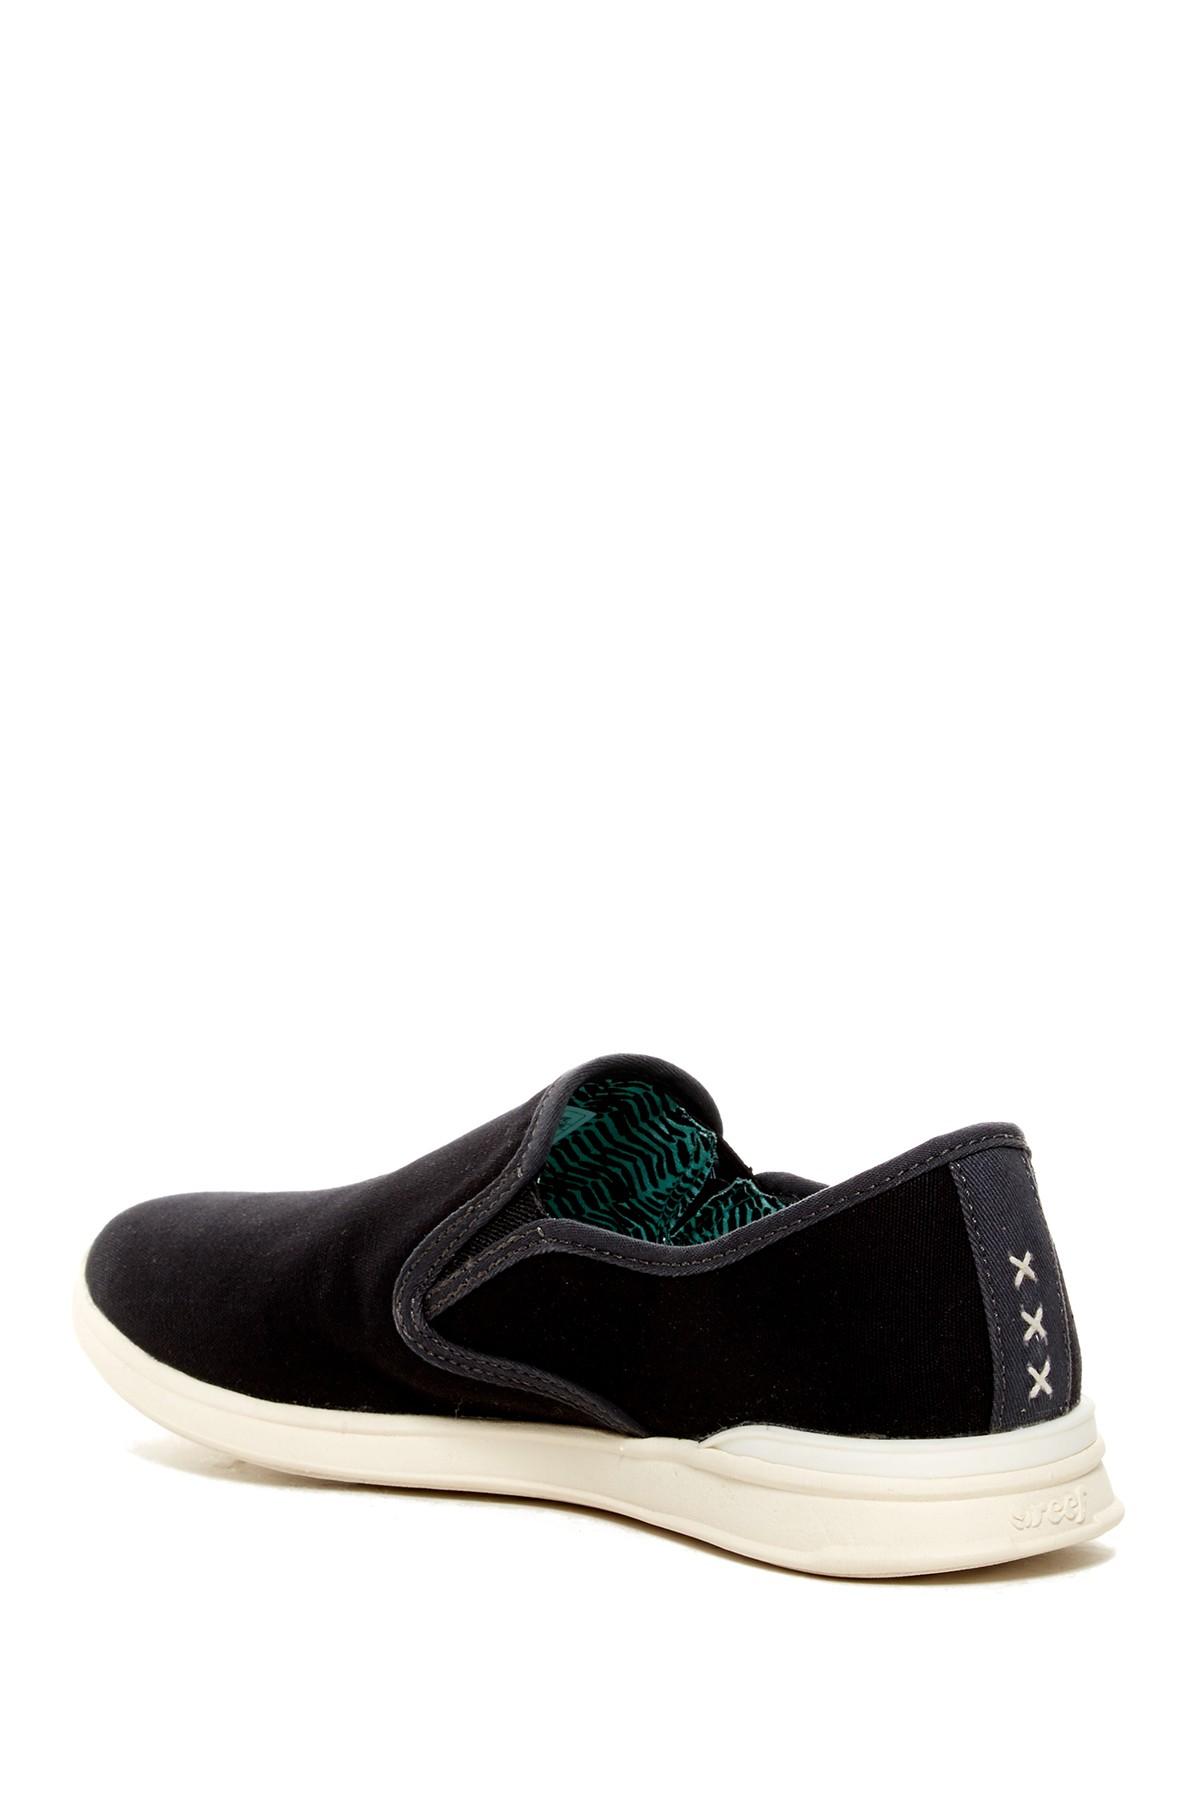 reef rover slip on sneaker in black black rfbla lyst